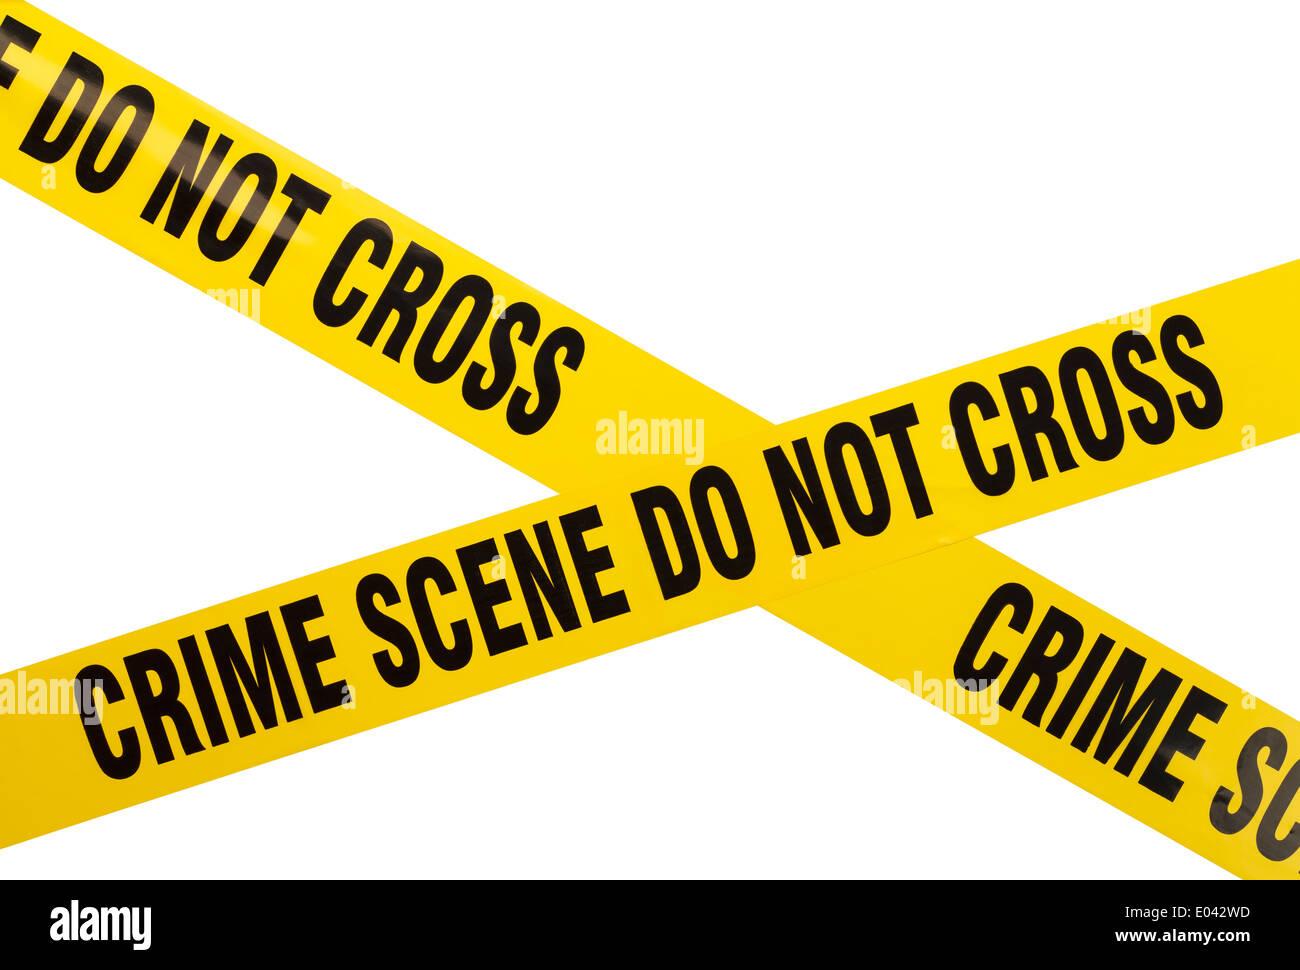 In plastica gialla della scena del crimine non nastro trasversale isolata su sfondo bianco. Immagini Stock